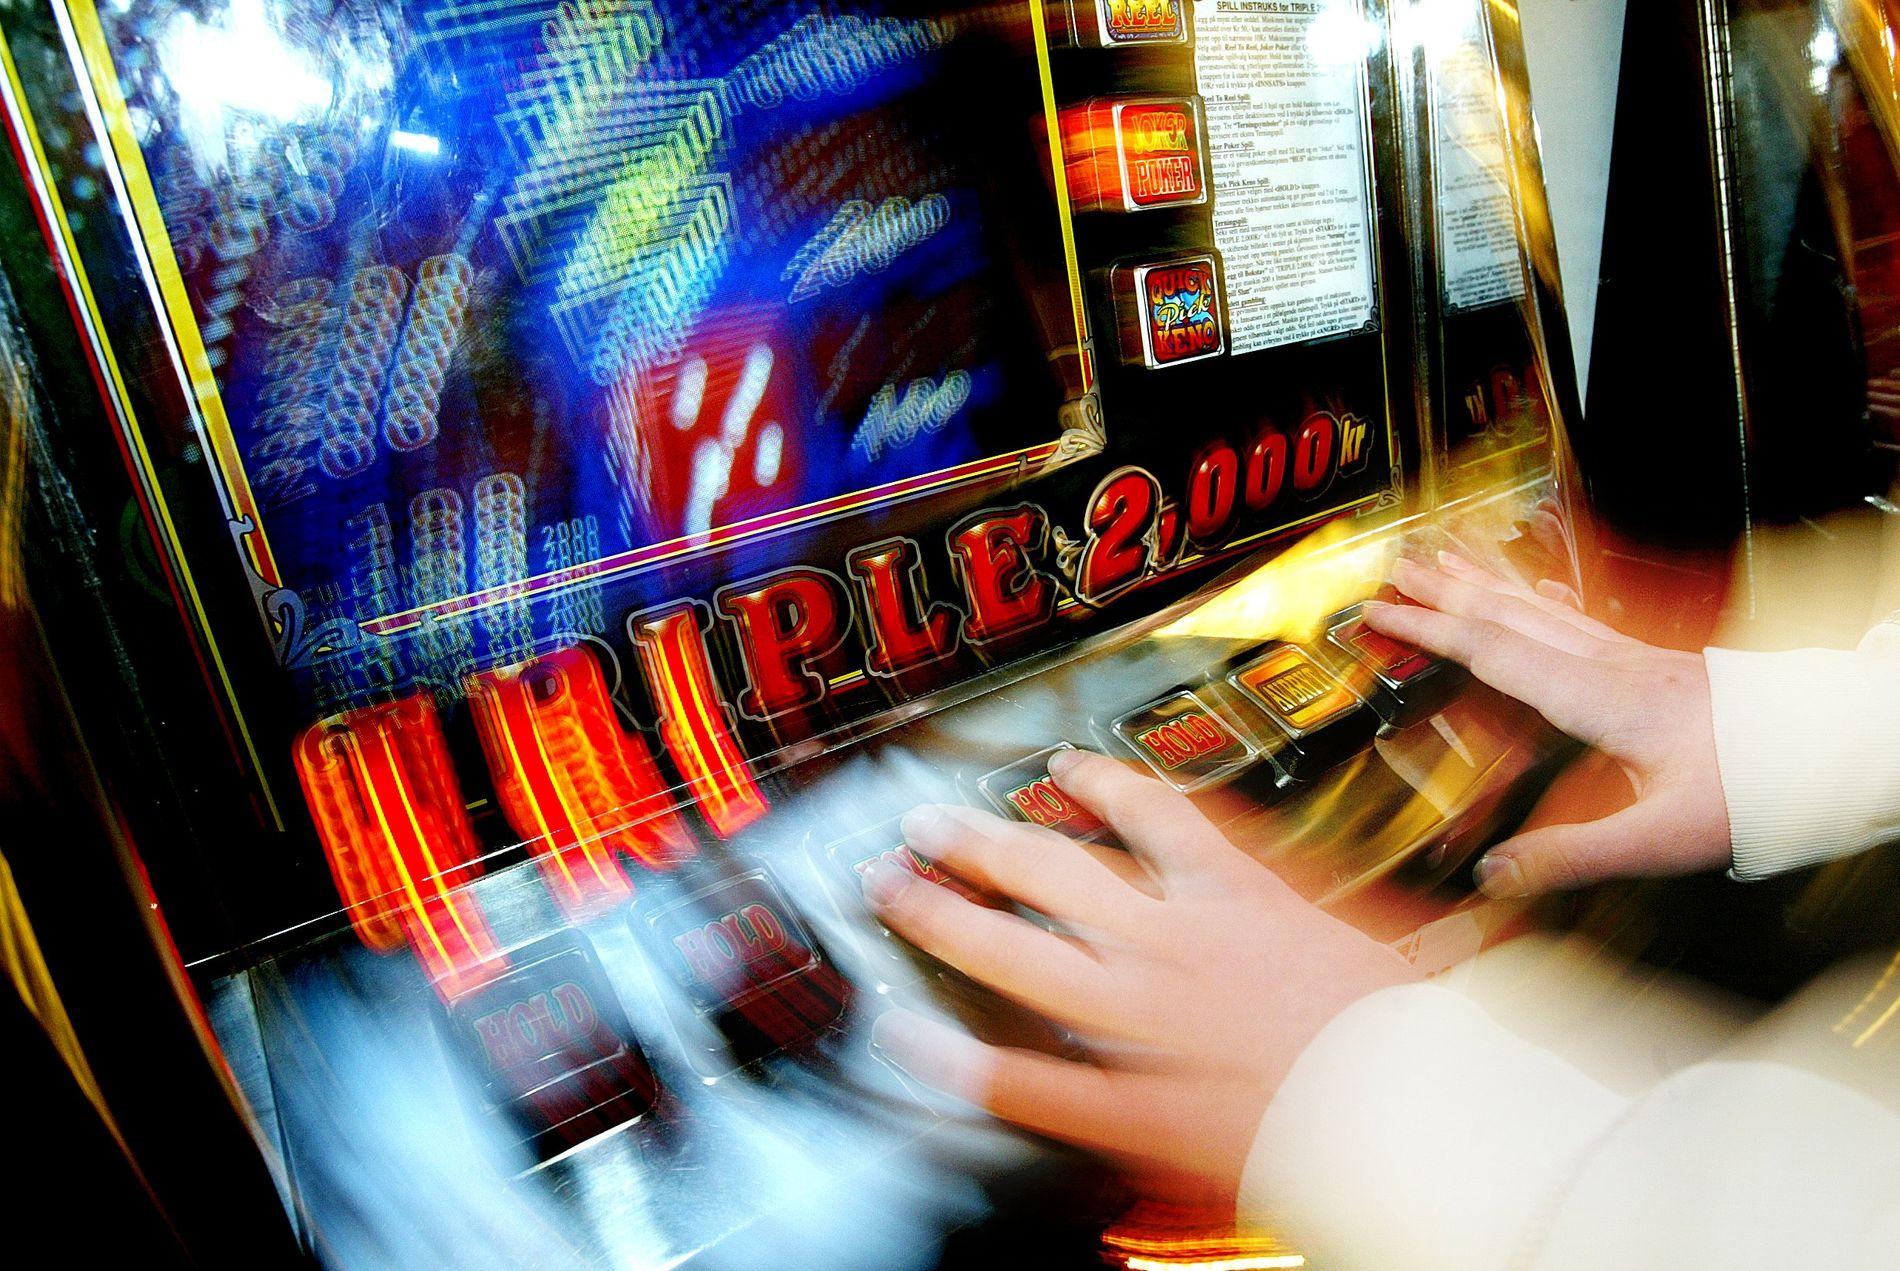 KONSTANT DÅRLIG RÅD: - Barna i familier til spilleavhengige forteller om konstant dårlig råd og at den spilleavhengige har tatt sparepenger og konfirmasjonspenger, skriver kronikkforfatterne.